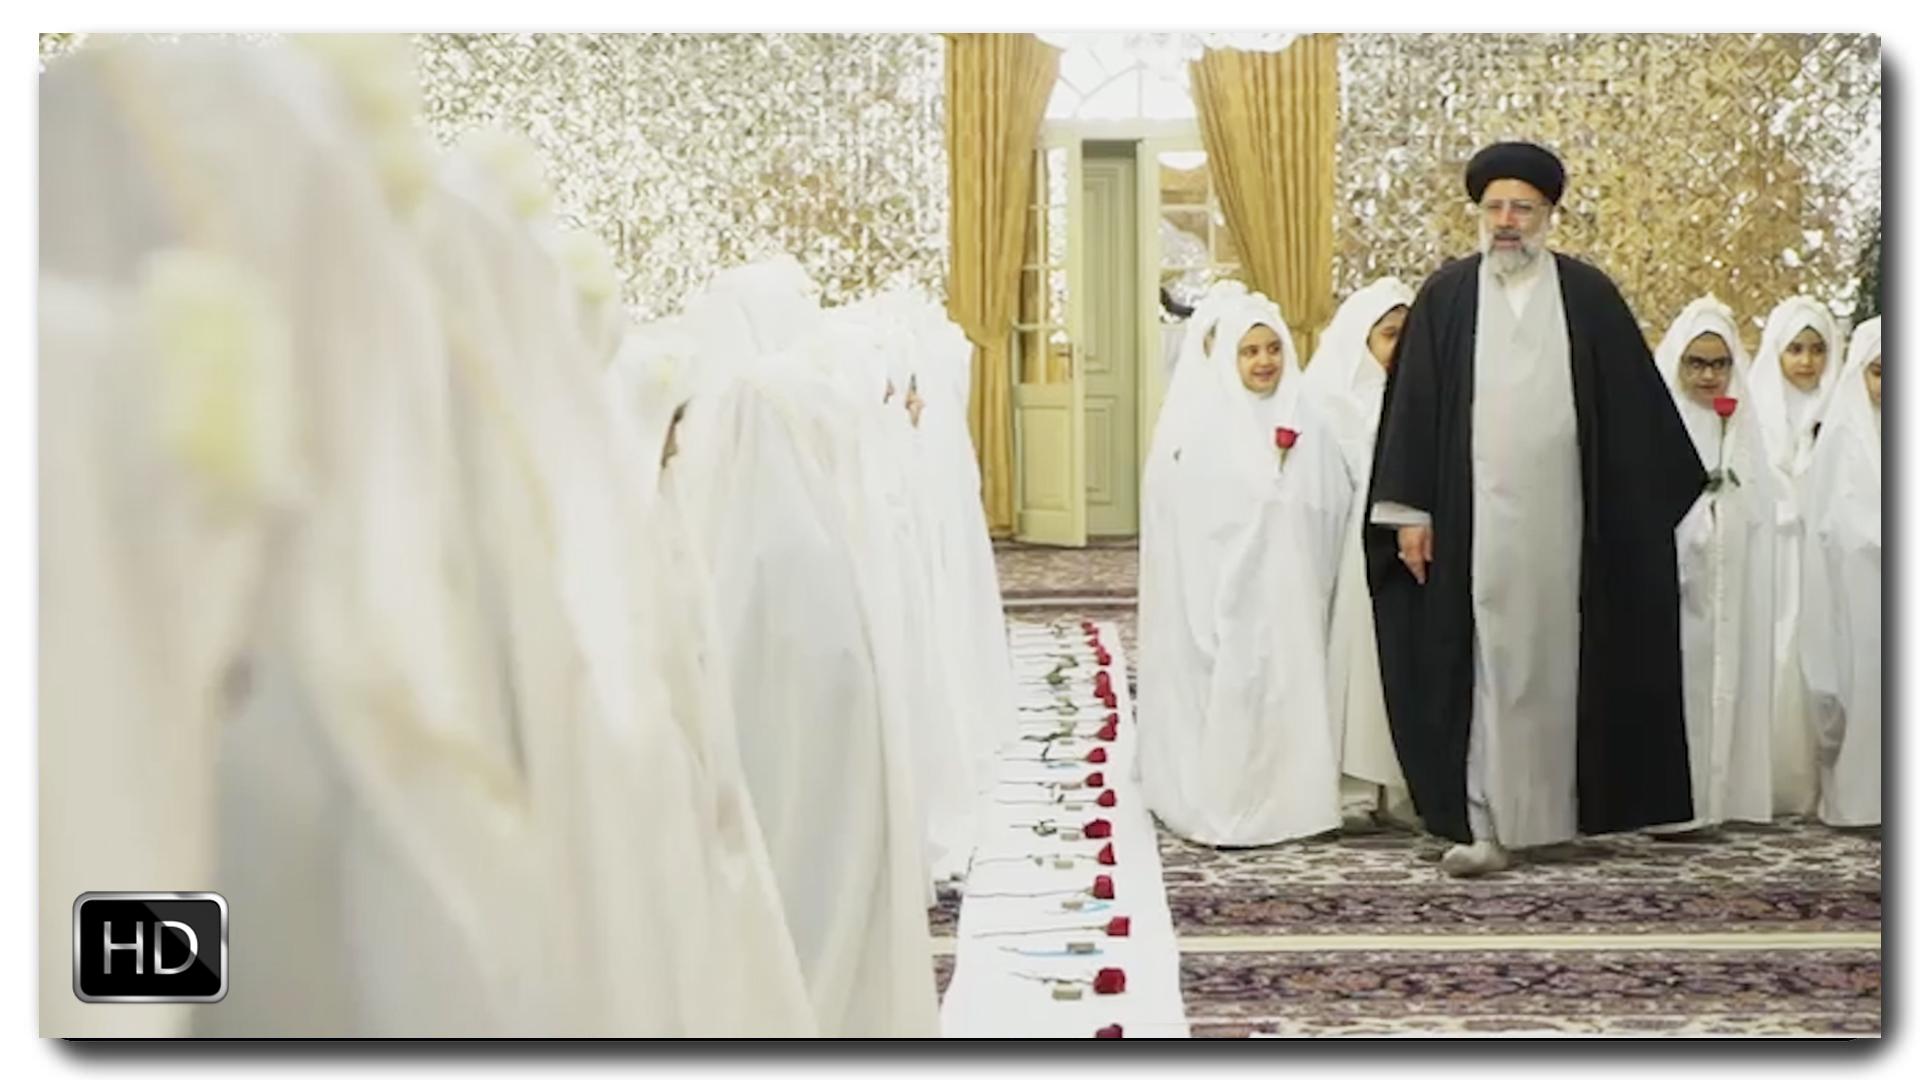 İmam Rza (ə) hərəmində möhtəşəm bir camahat namazı